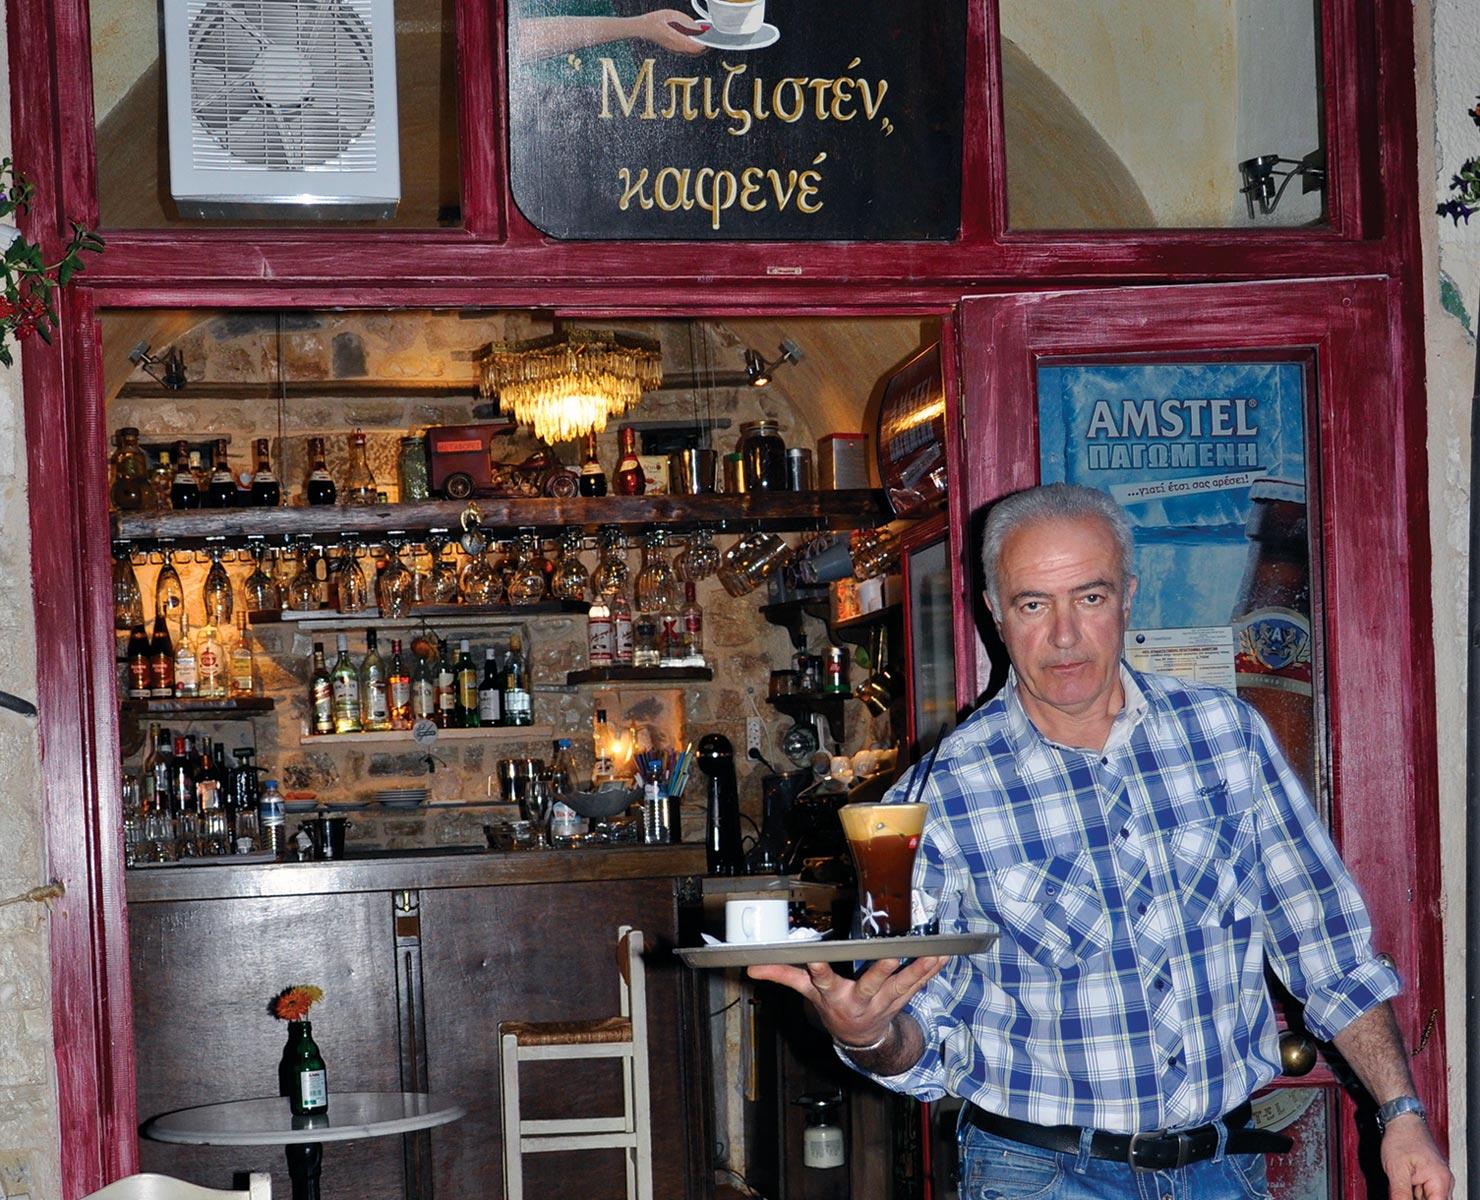 Μπιζιστέν Παραδοσιακό Καφενείο Ιωάννινα